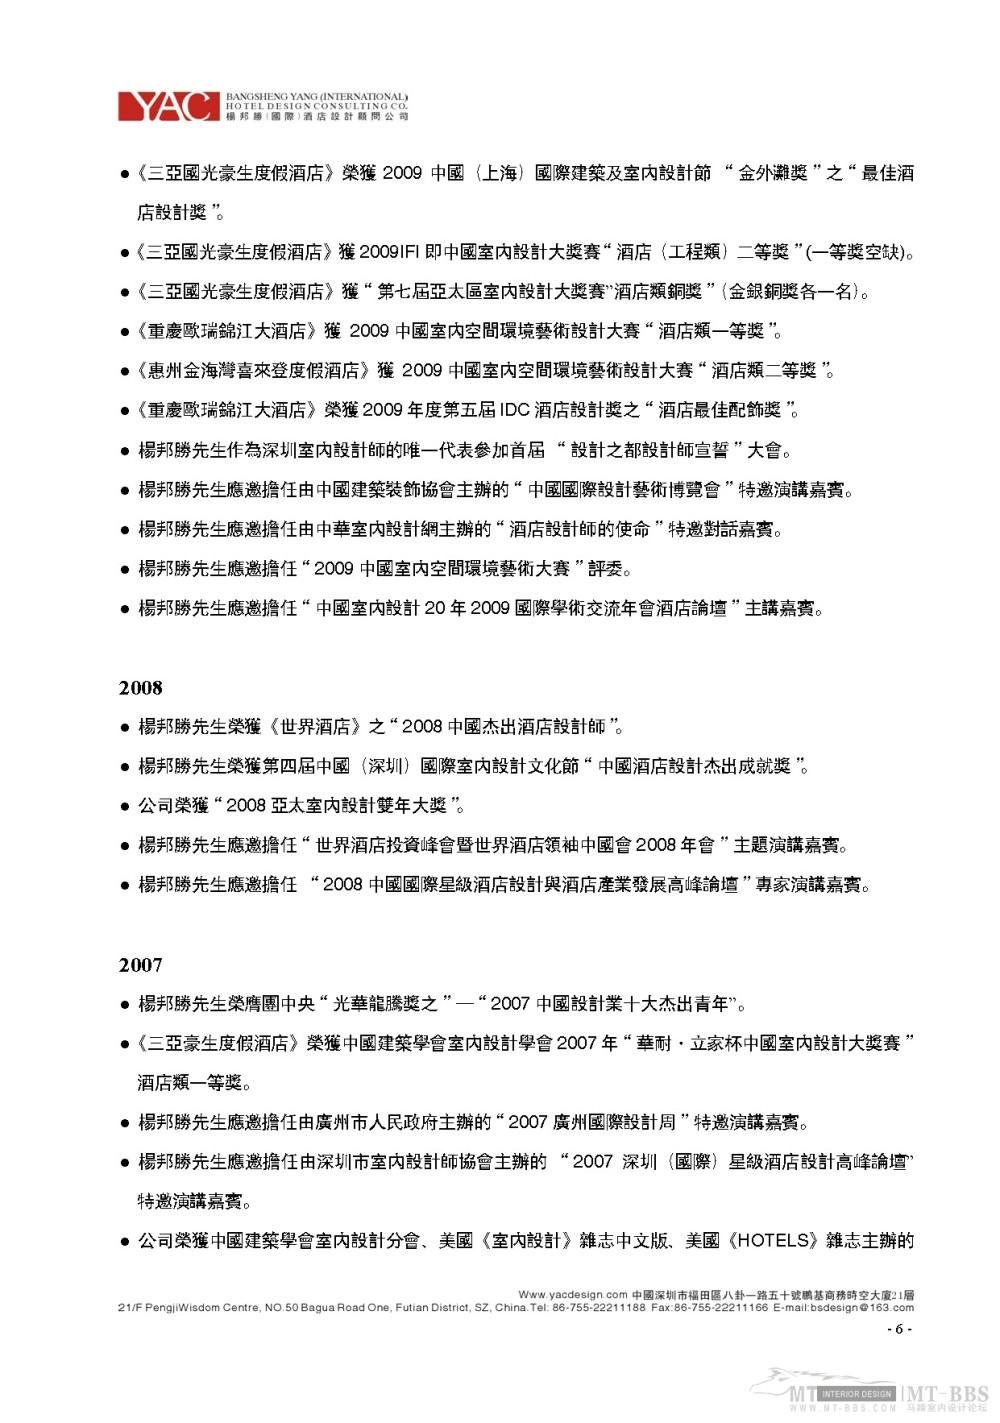 杨邦胜_2011.03.30YAC(国际)杨邦胜酒店设计顾问公司简介_页面_06.jpg